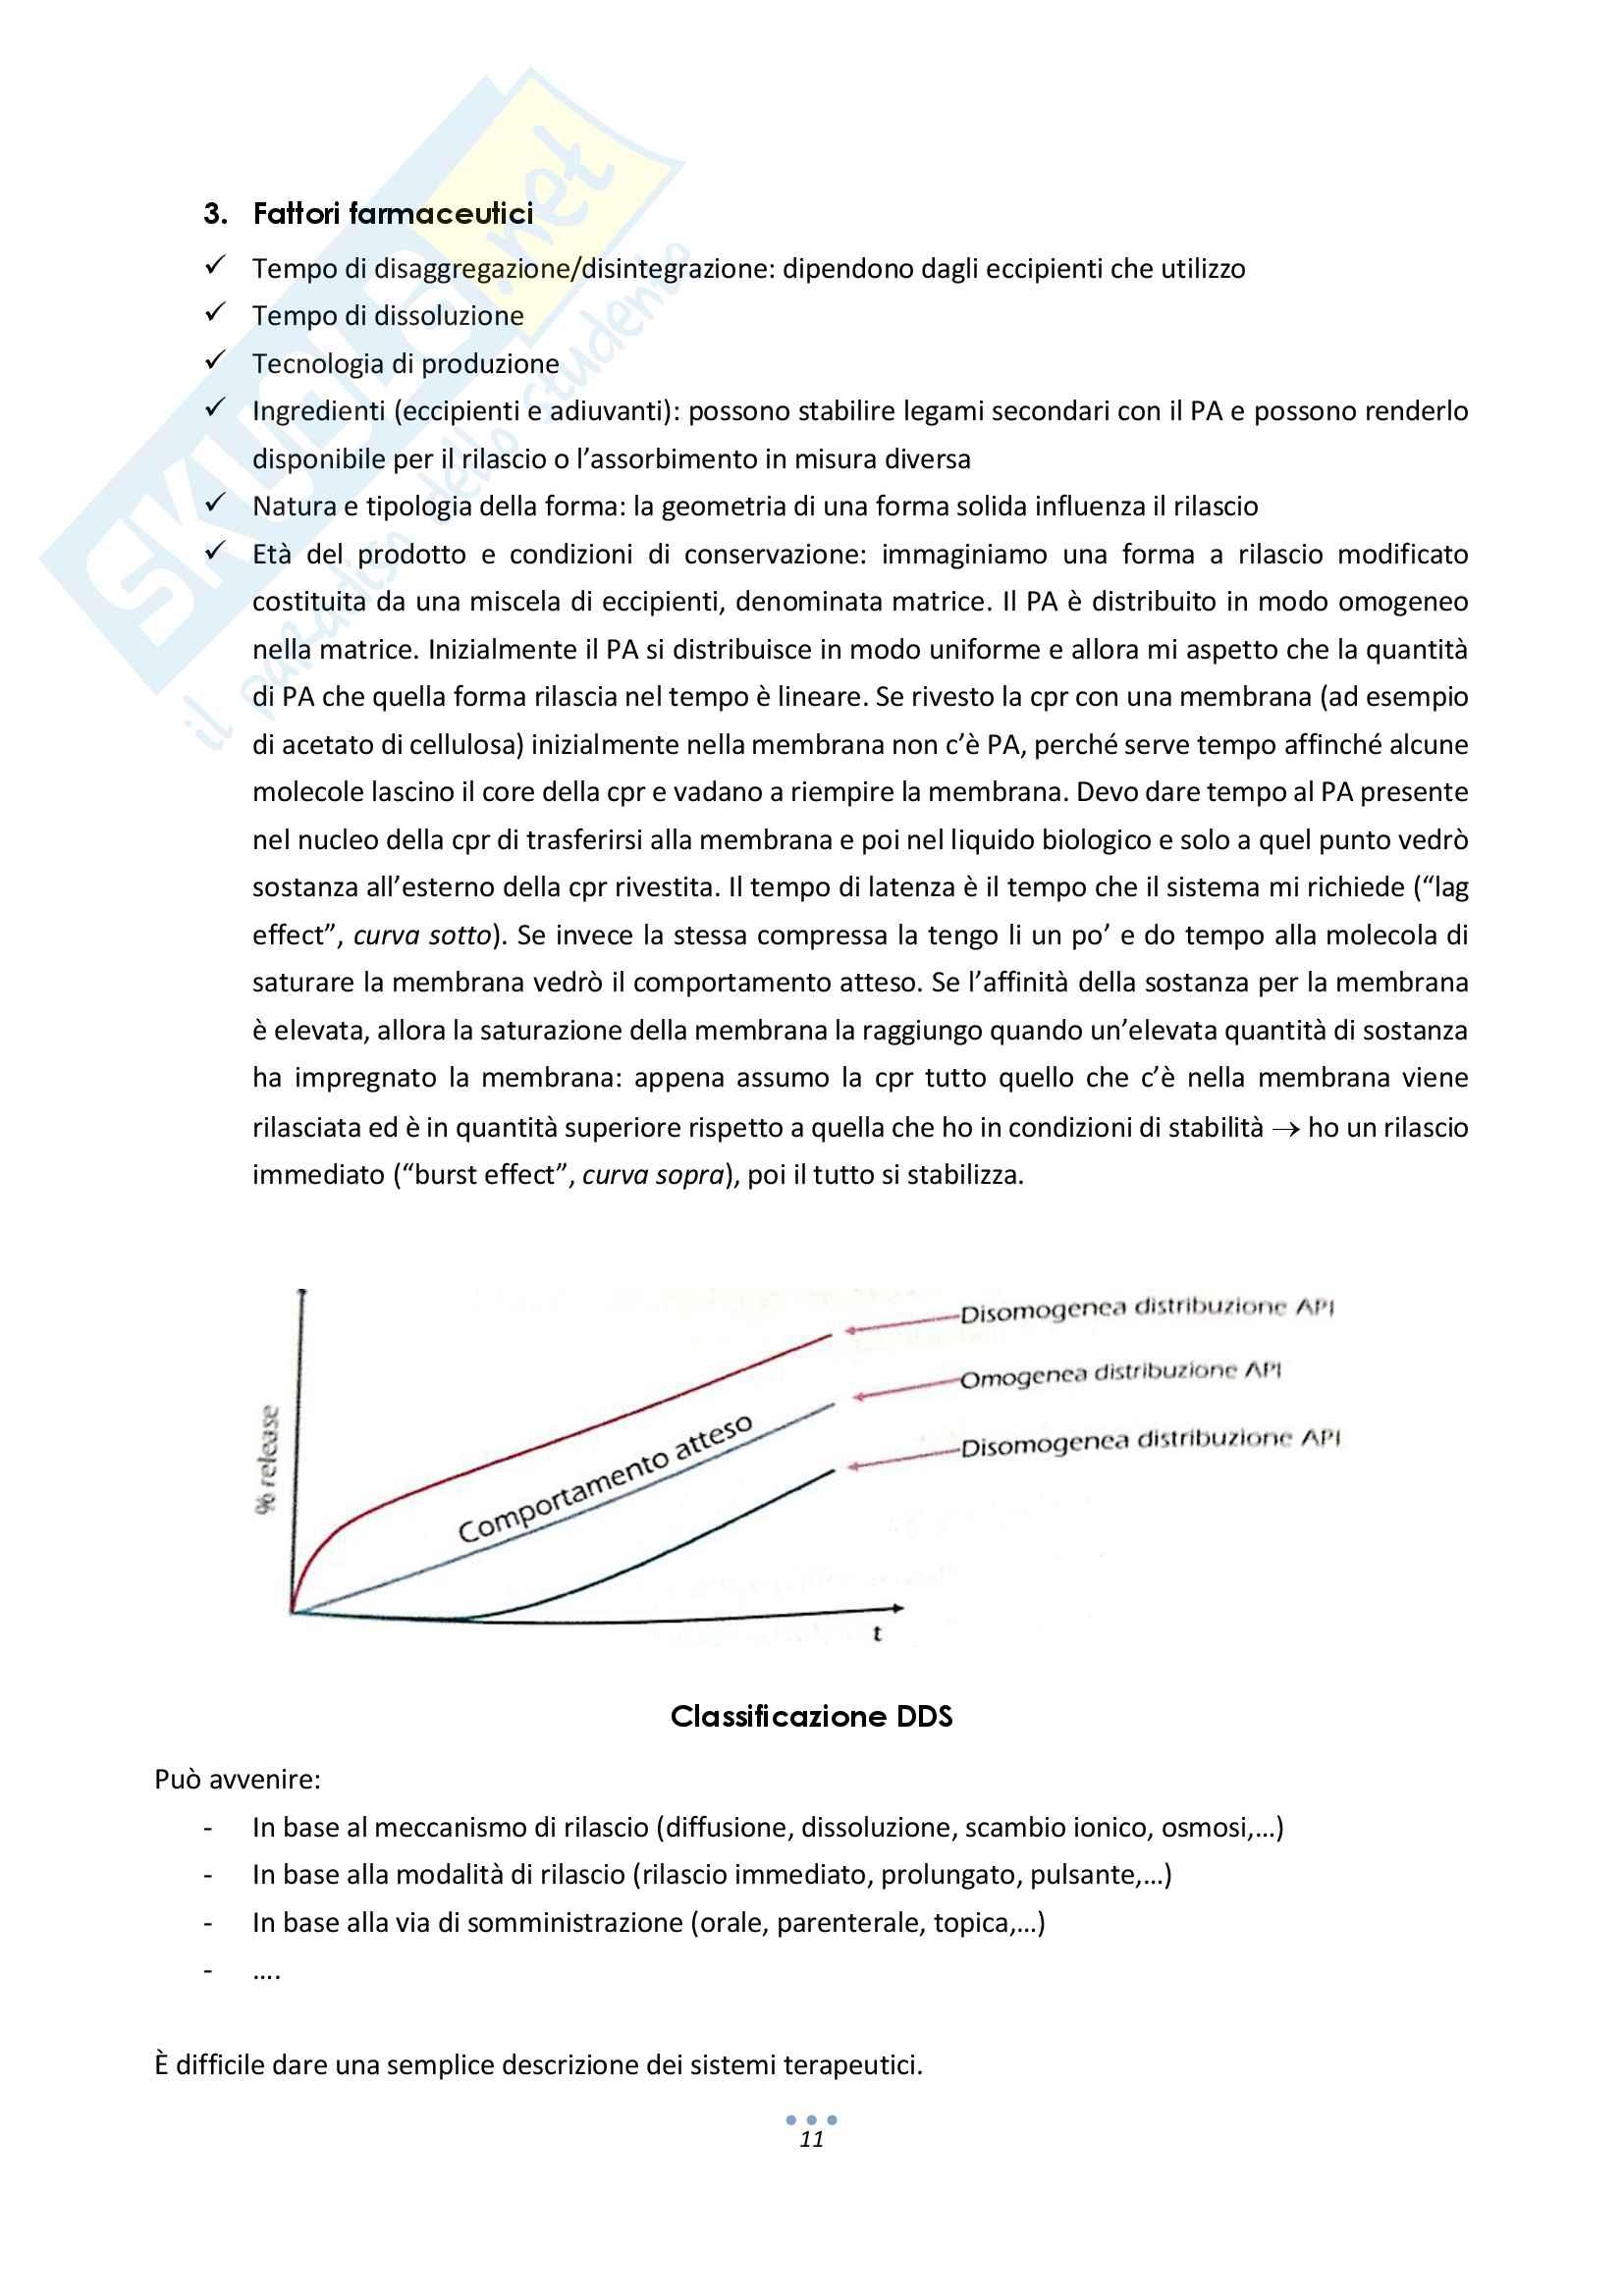 Sistemi terapeutici e forme farmaceutiche a rilascio modificato Pag. 11